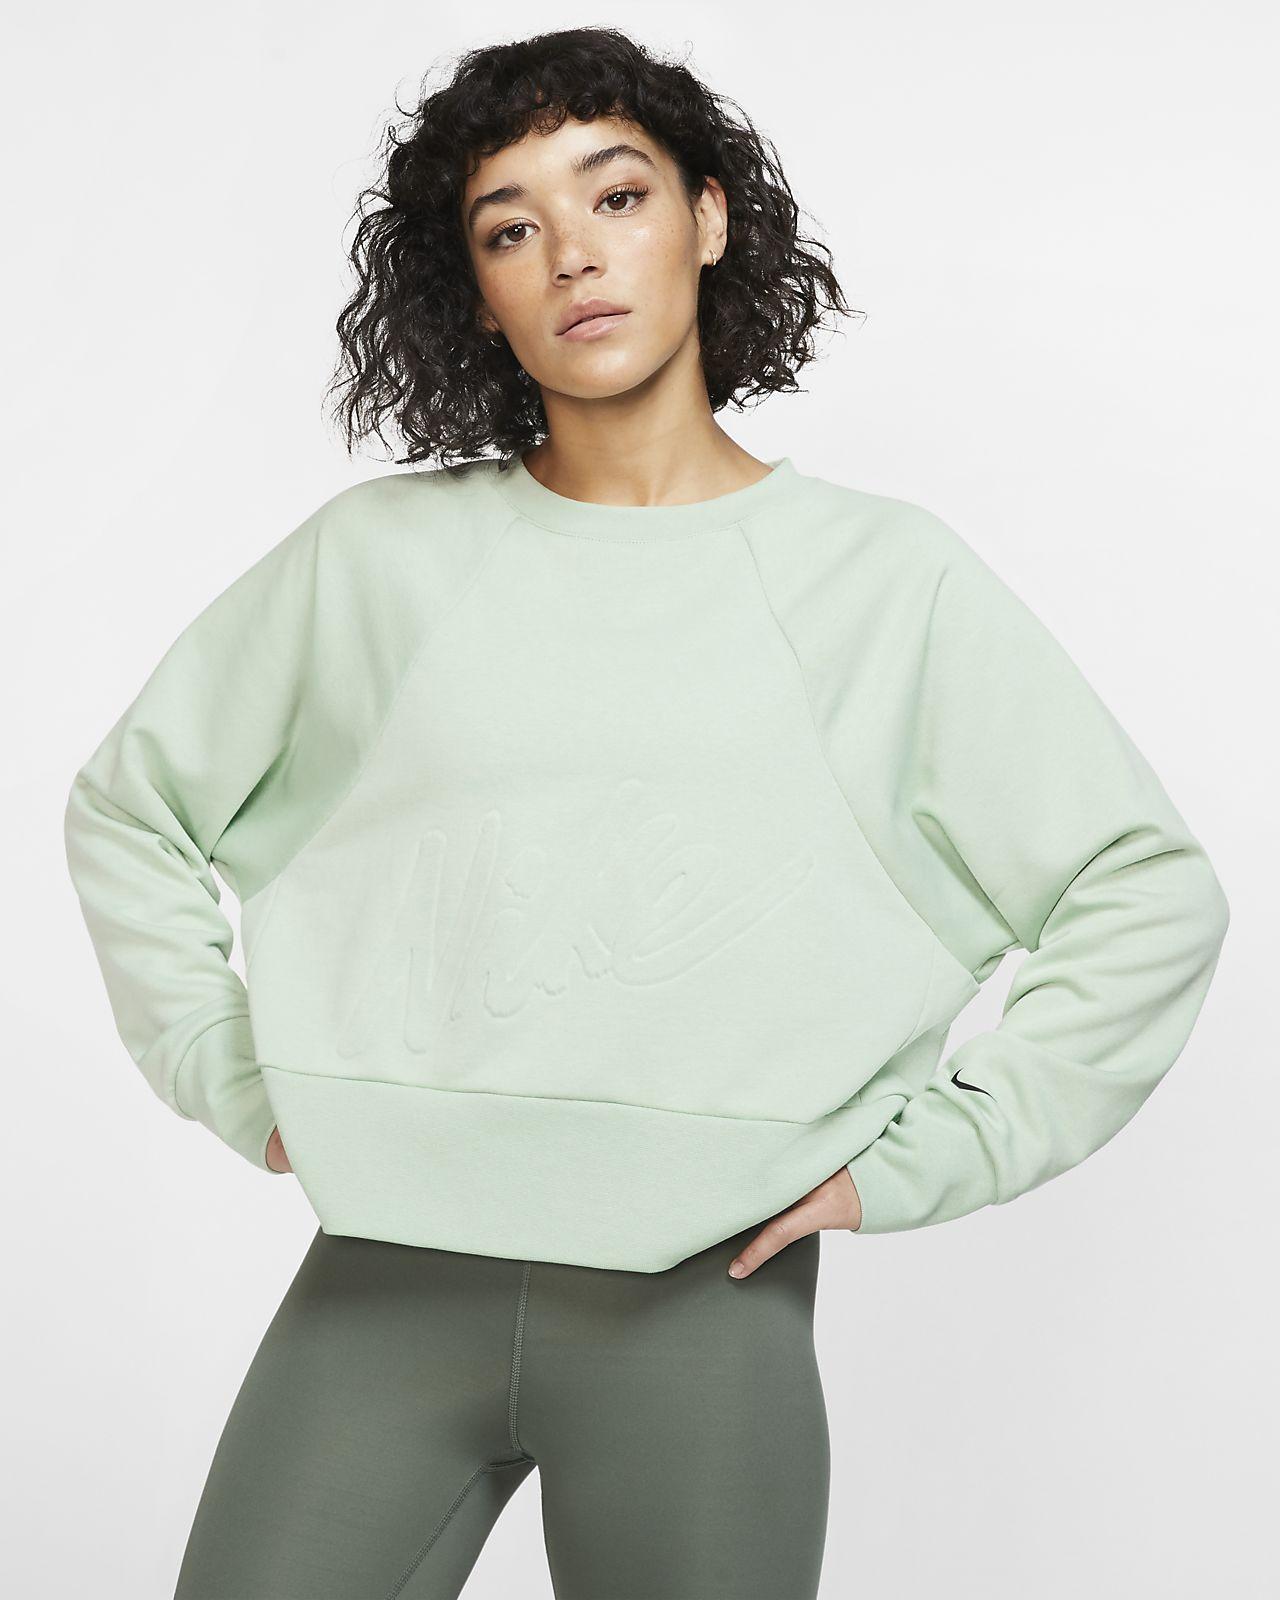 Nike Dri-FIT Get Fit-fleecetræningstrøje med rund hals til kvinder